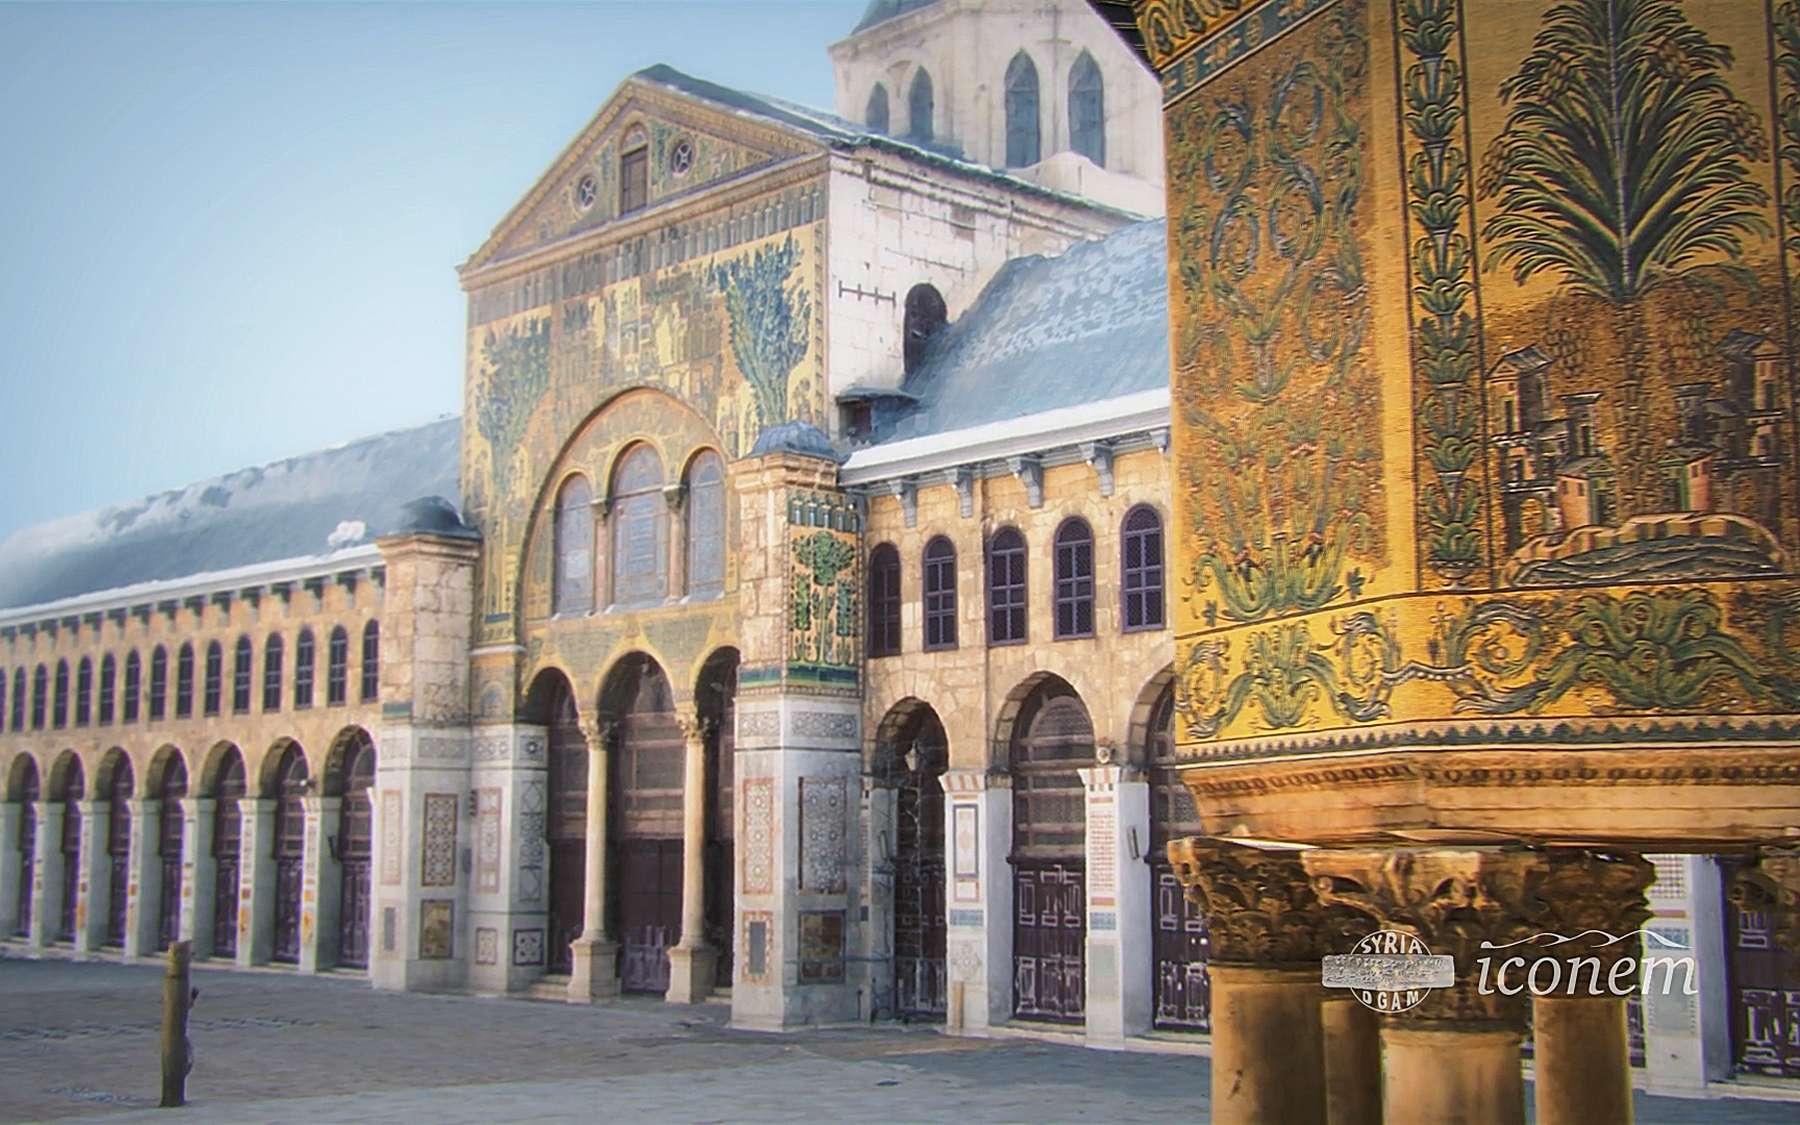 La mosquée des Omeyyades, à Damas, a été construite au VIIIe siècle. La numérisation permet la réalisation d'un modèle 3D utile aux historiens mais aussi aussi au public. © Iconem